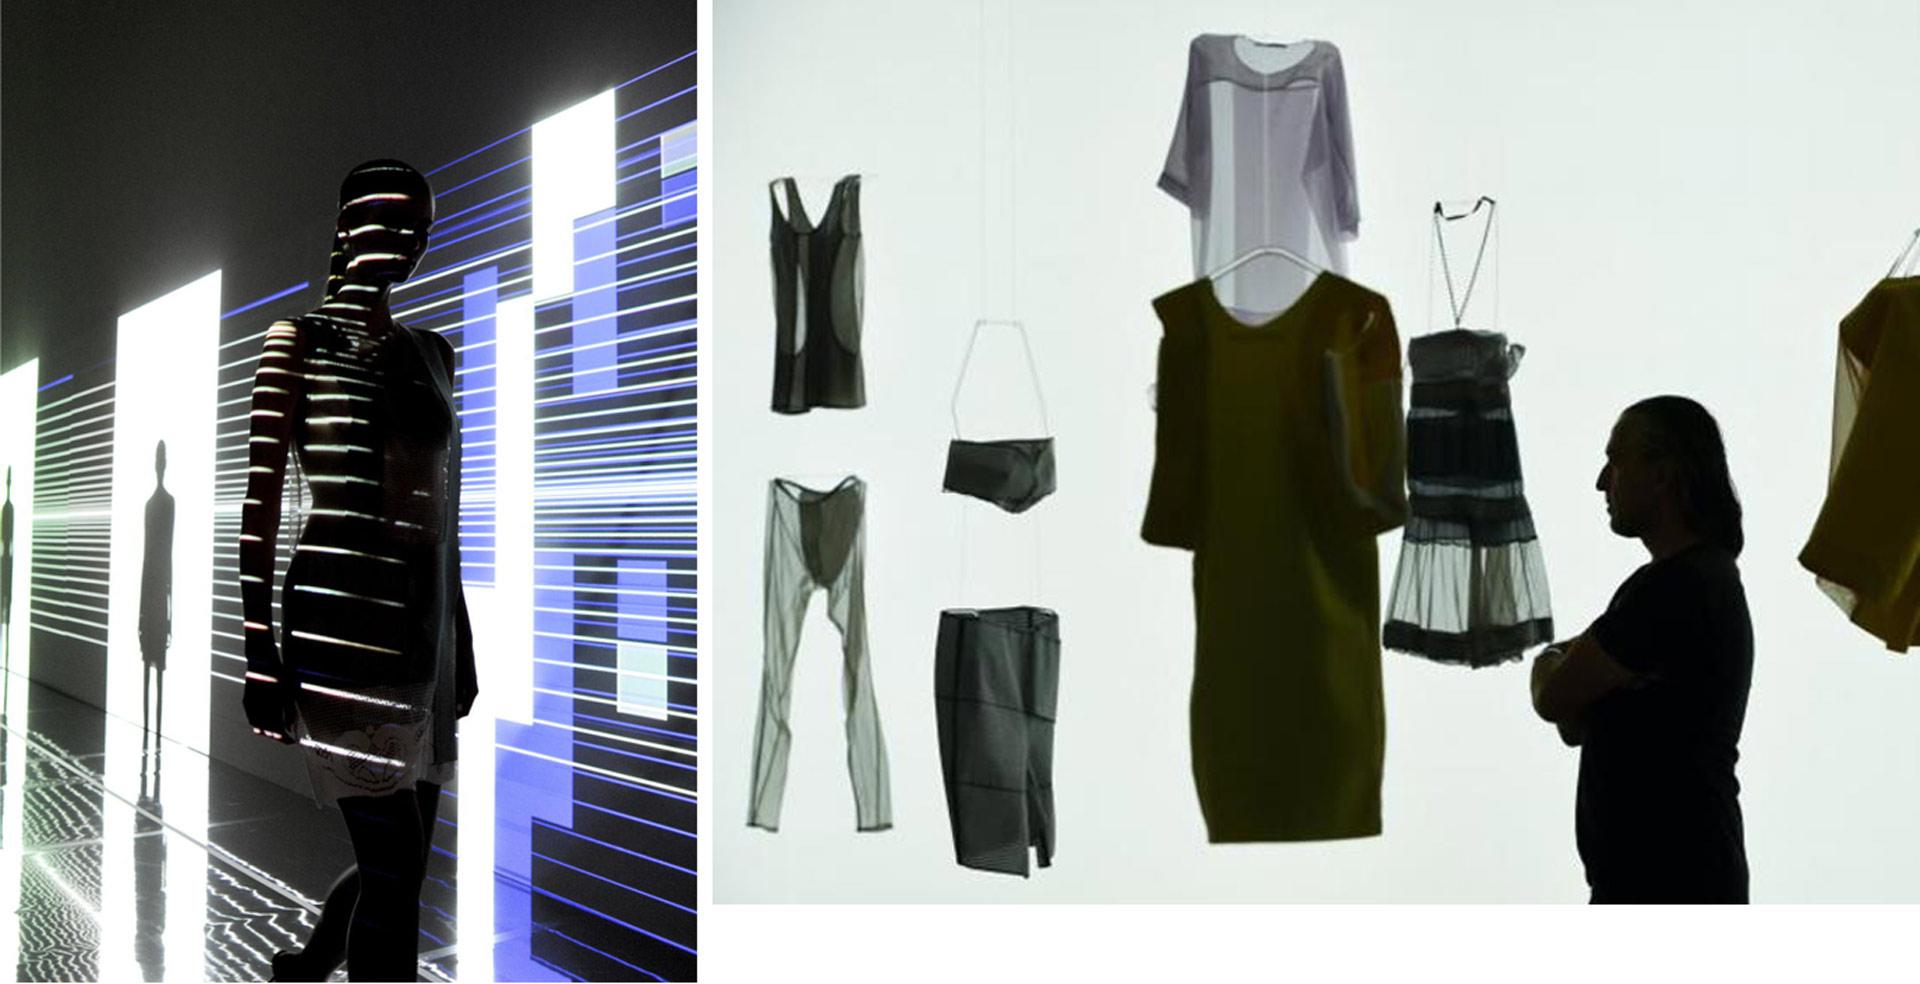 Un prestigioso museo del país teutón abre sus puertas a una exhibición de un prestigioso diseñador